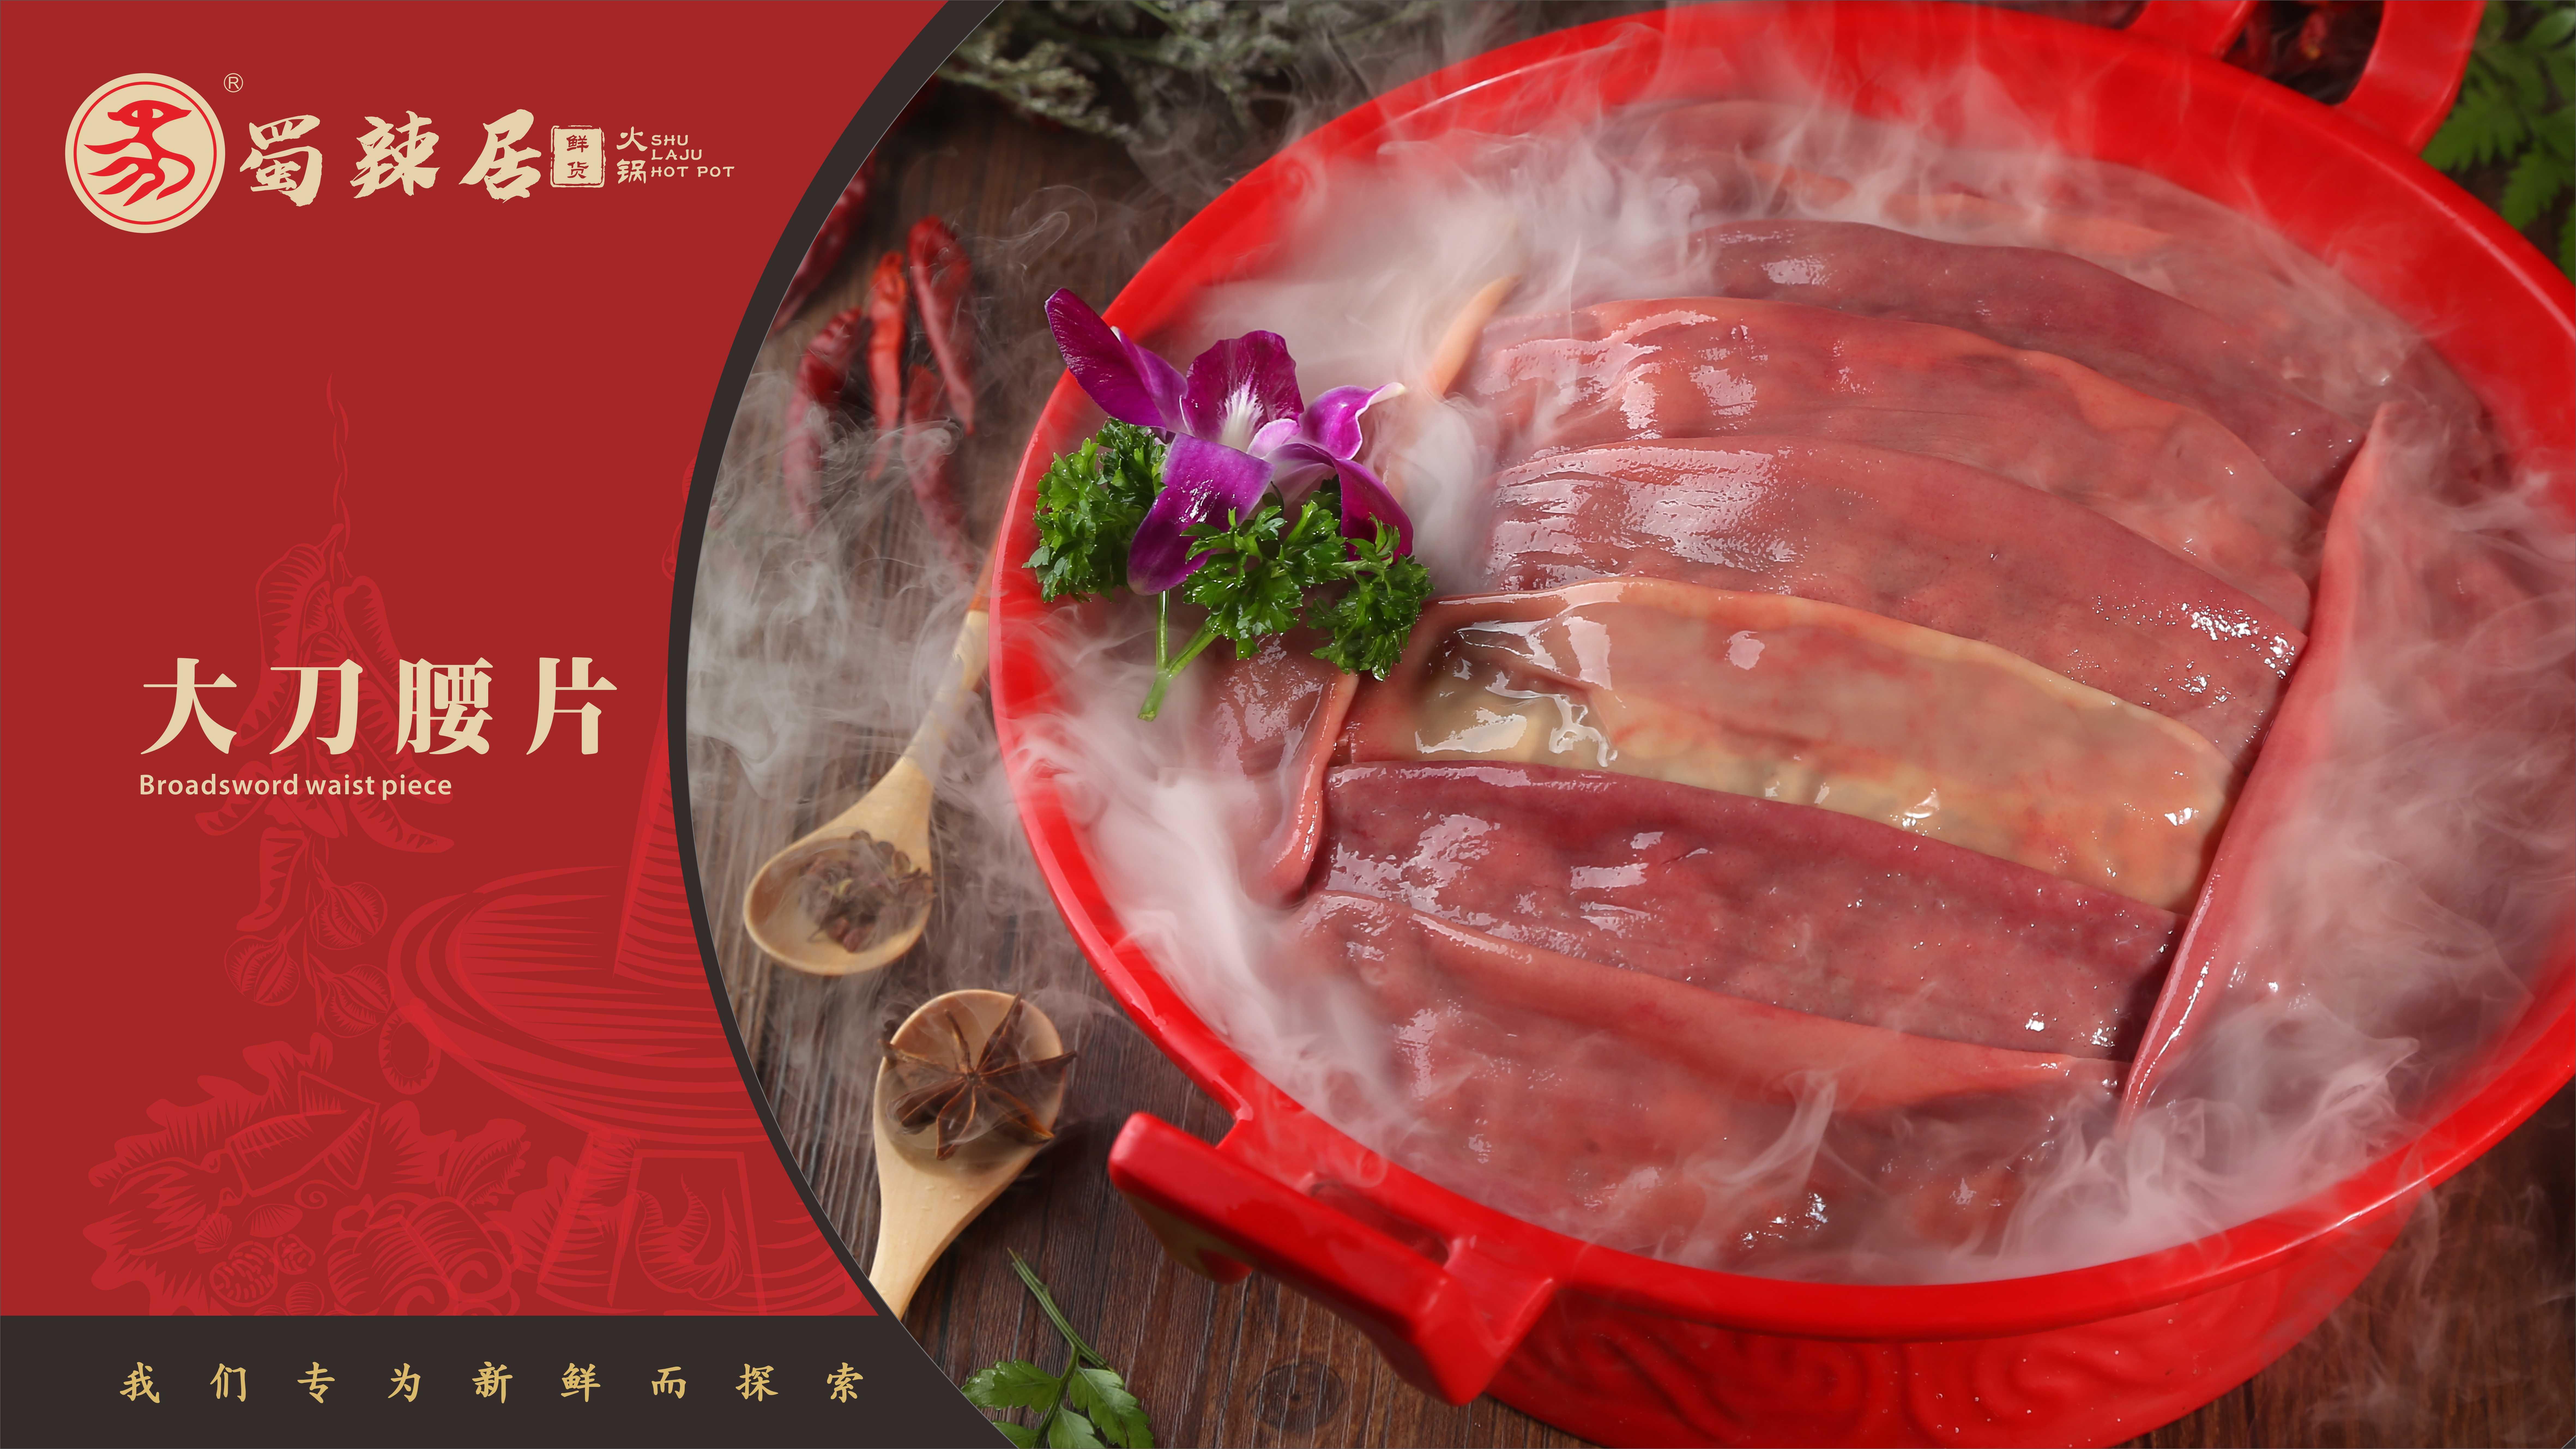 冬季的火锅市场到底有多好呢?看完这篇文章你就知道!